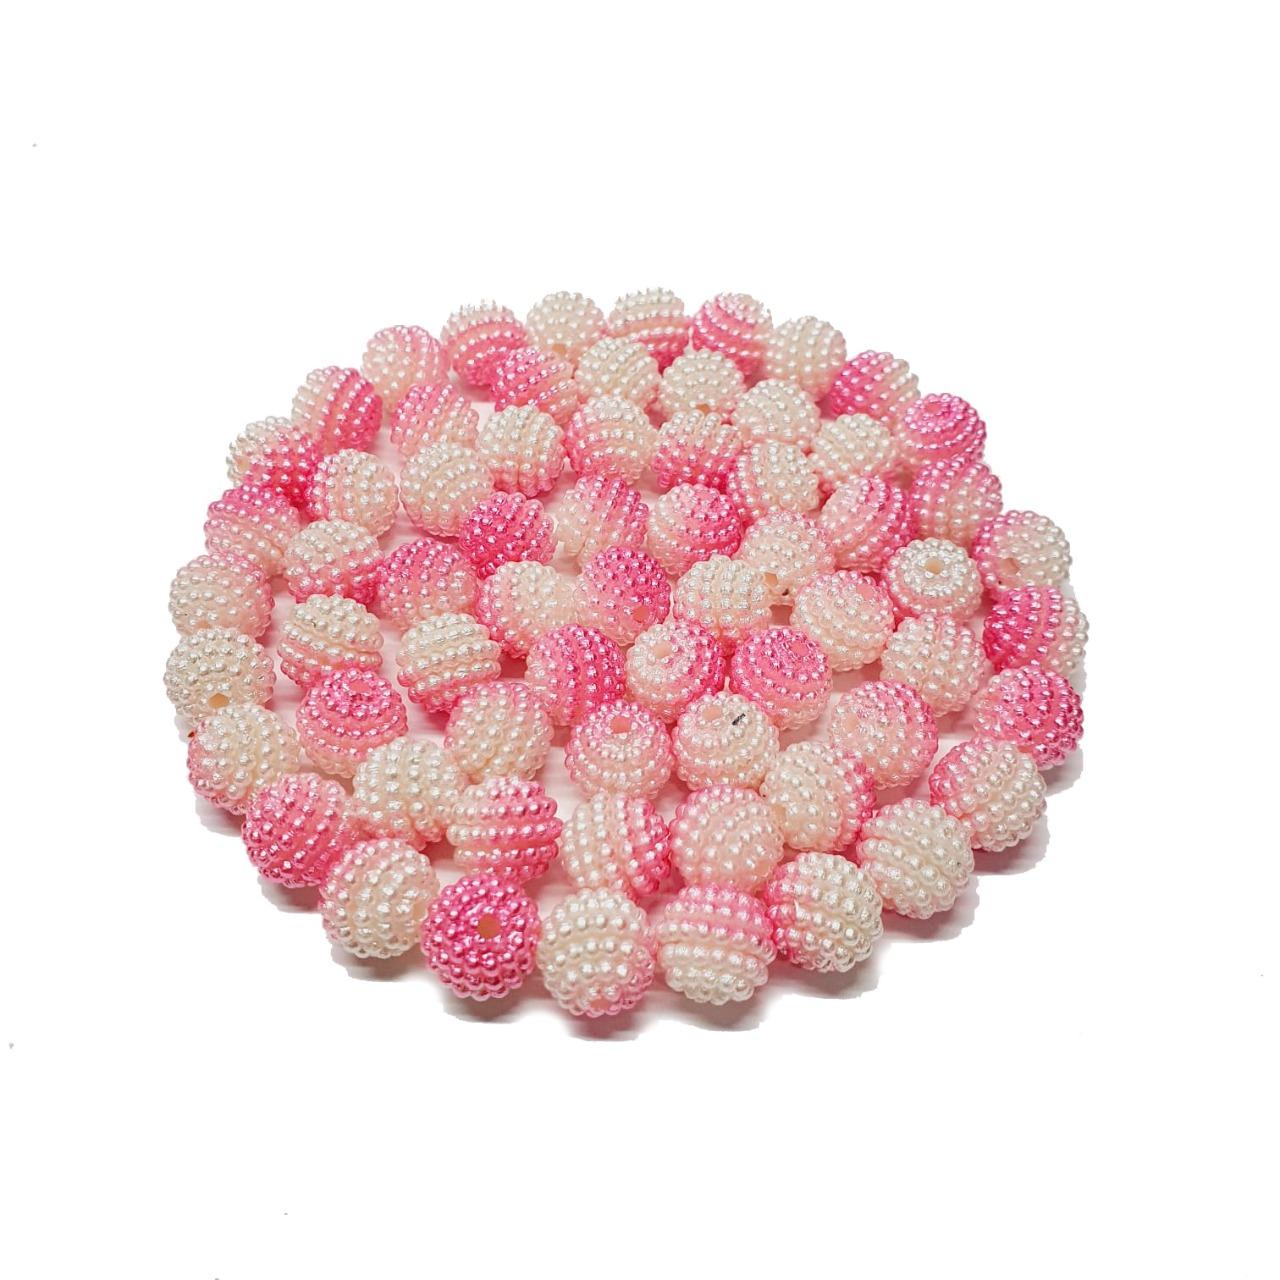 Pérola Craquelada Multicor Rosa e Branco